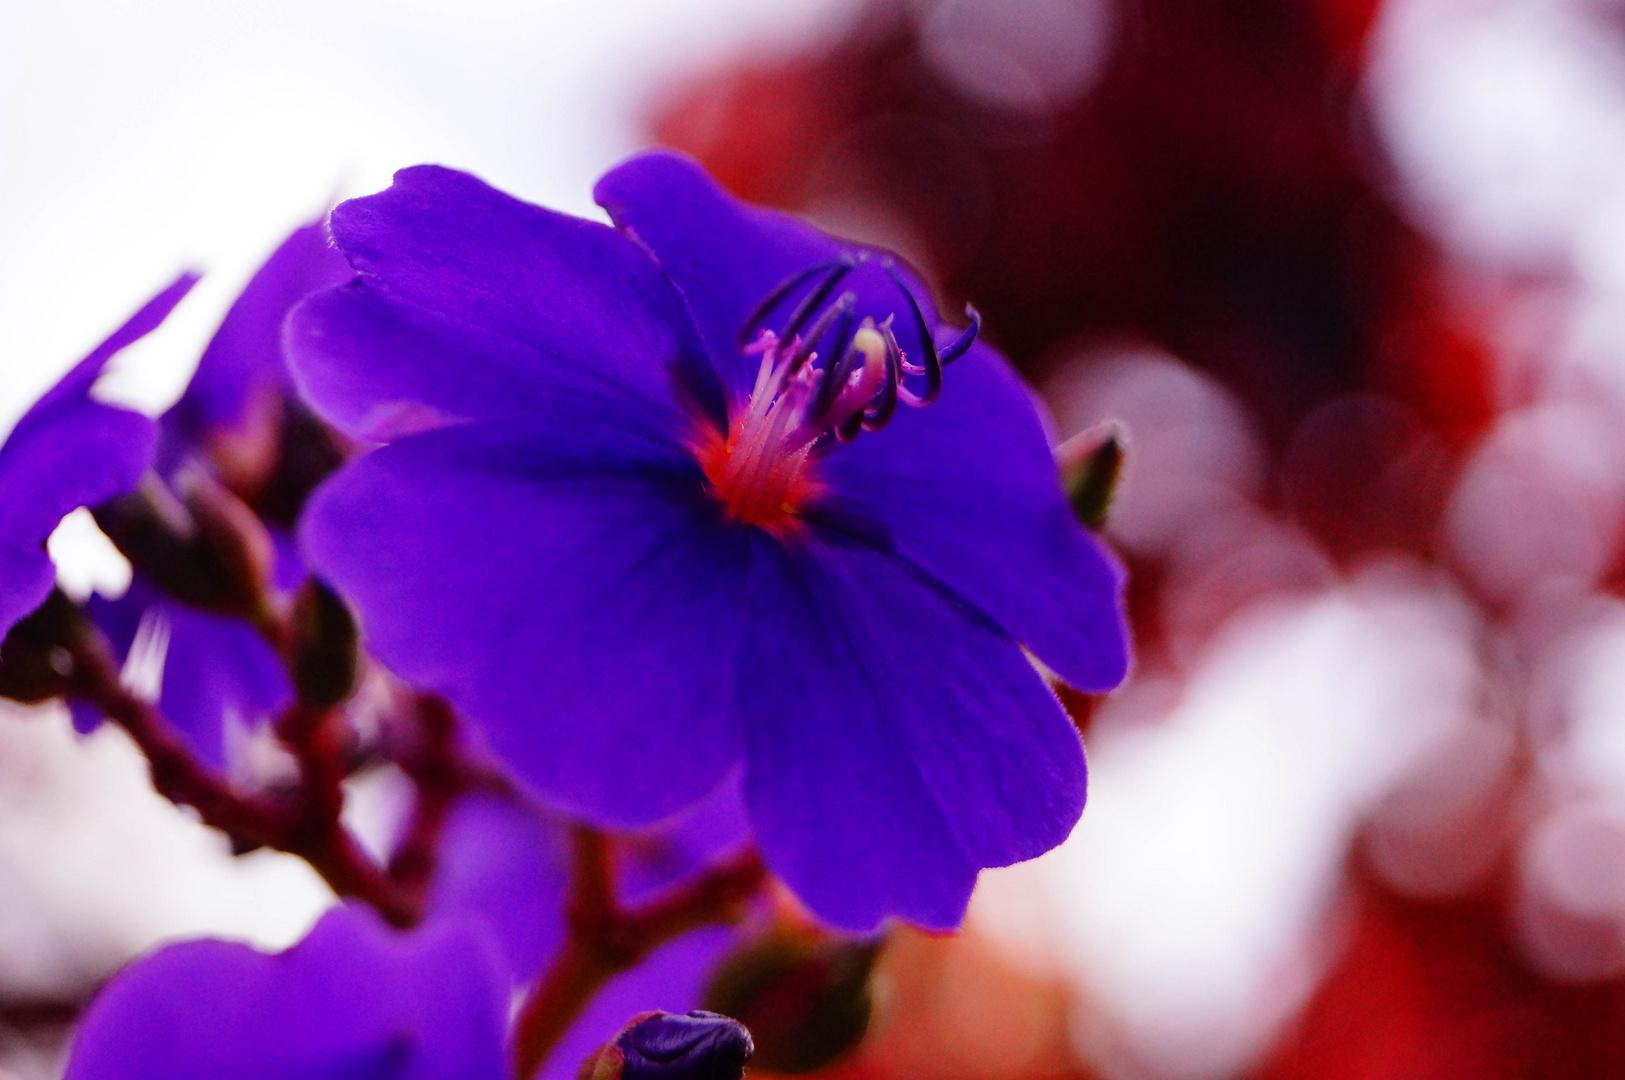 exotische blumen foto bild pflanzen pilze flechten bl ten kleinpflanzen blumen. Black Bedroom Furniture Sets. Home Design Ideas